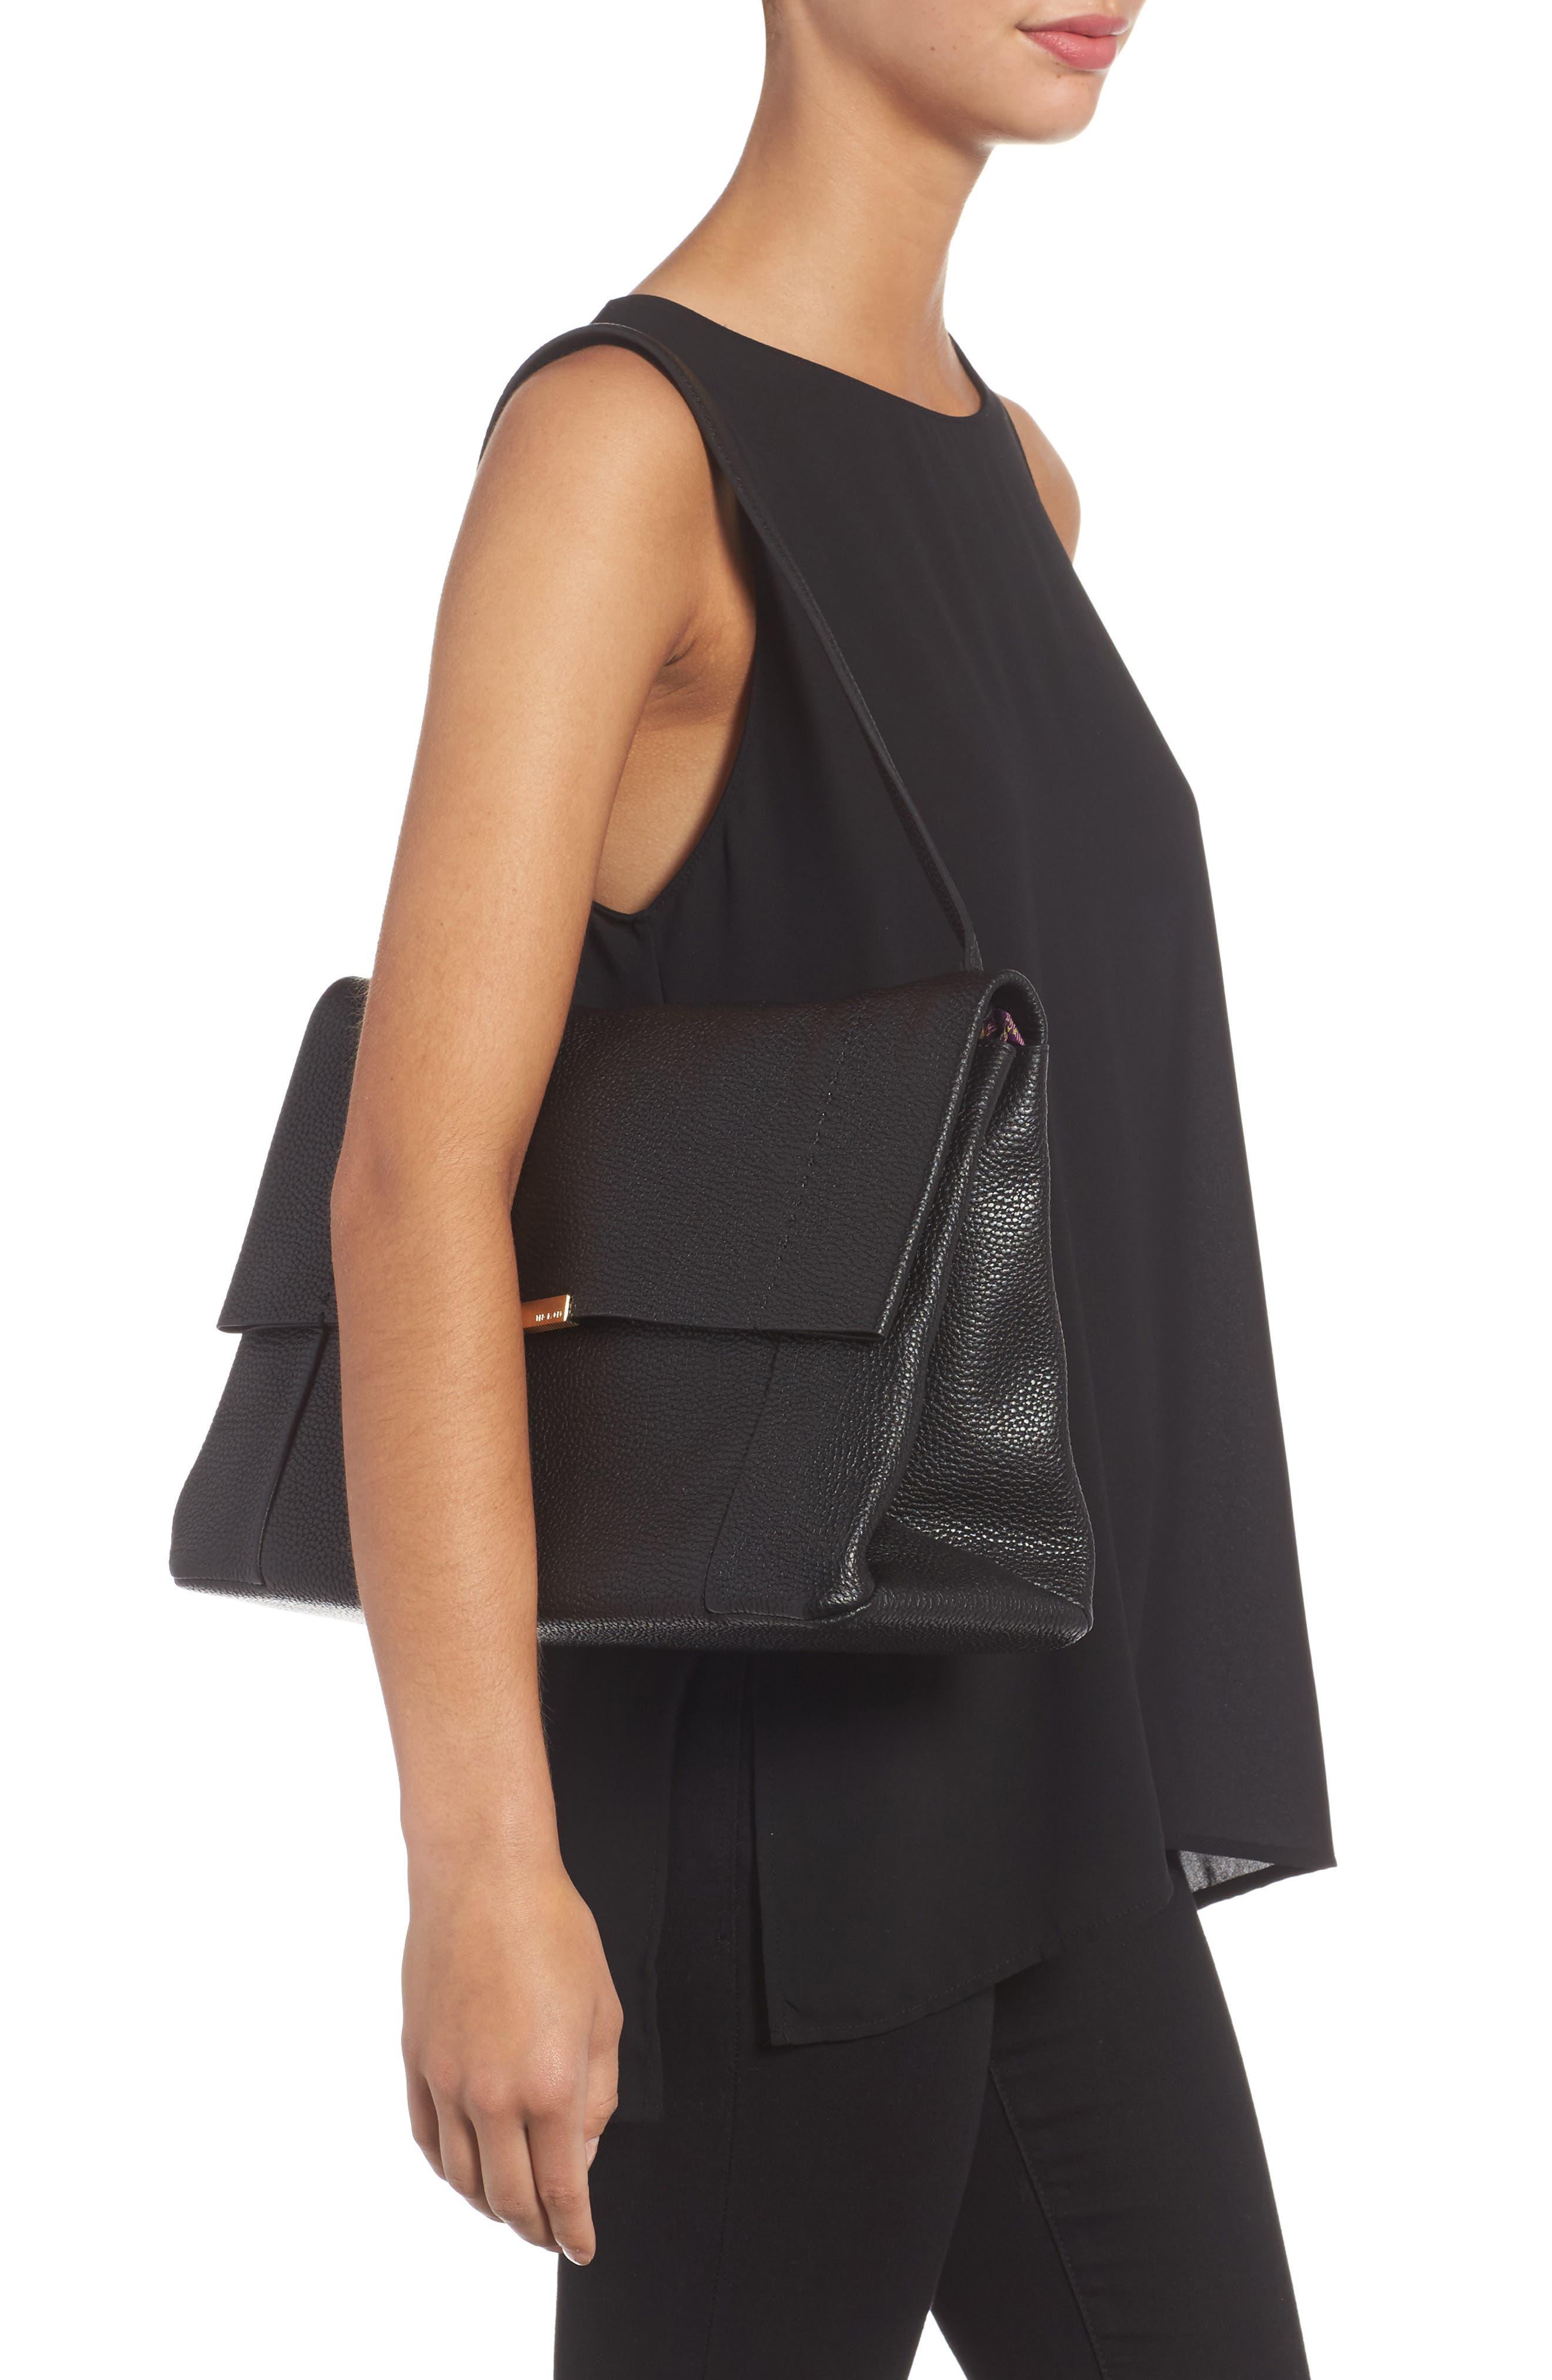 Proter Leather Shoulder Bag,                             Alternate thumbnail 2, color,                             001